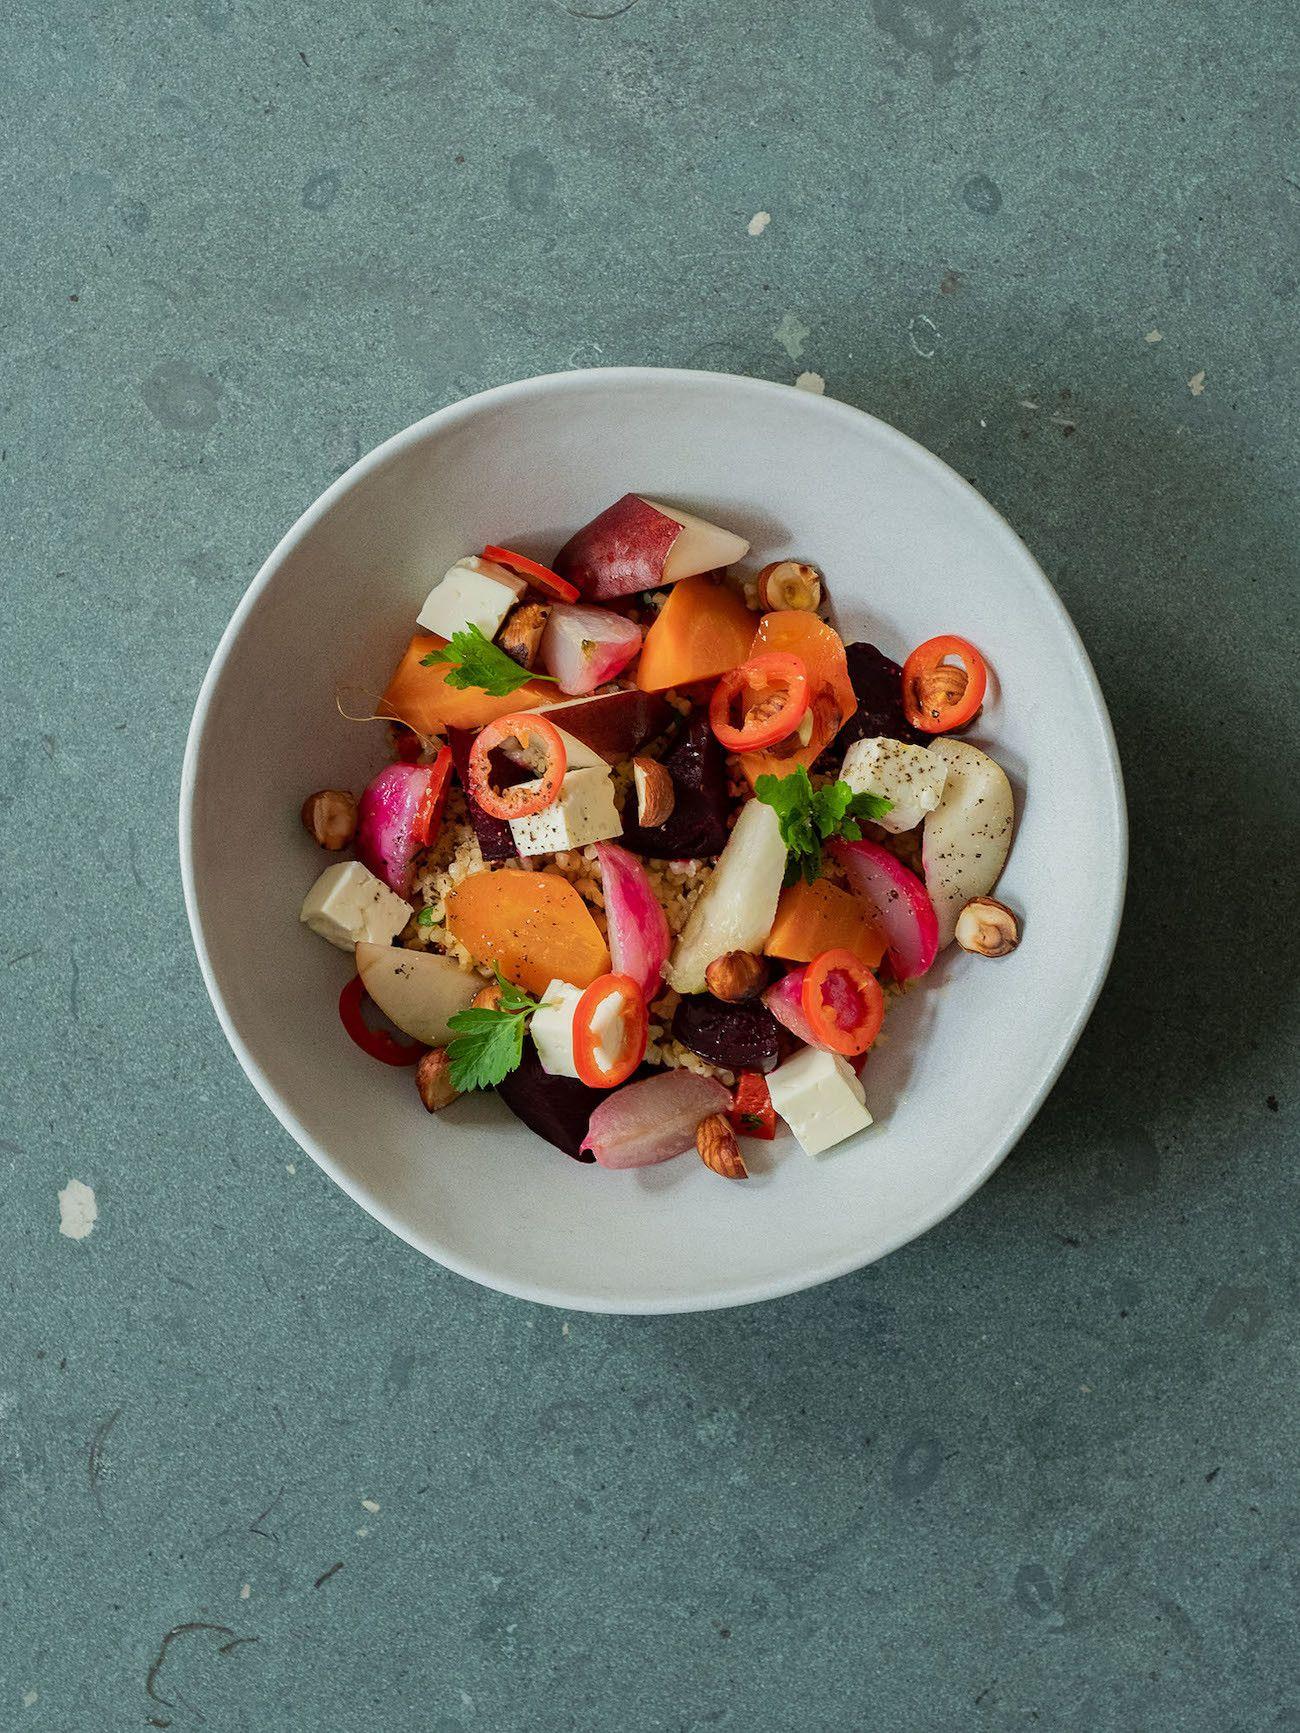 Foodblog, About Fuel, Gebackene Rote Bete und Karotten auf Bulgursalat mit Birne, Haselnüsse, Feta